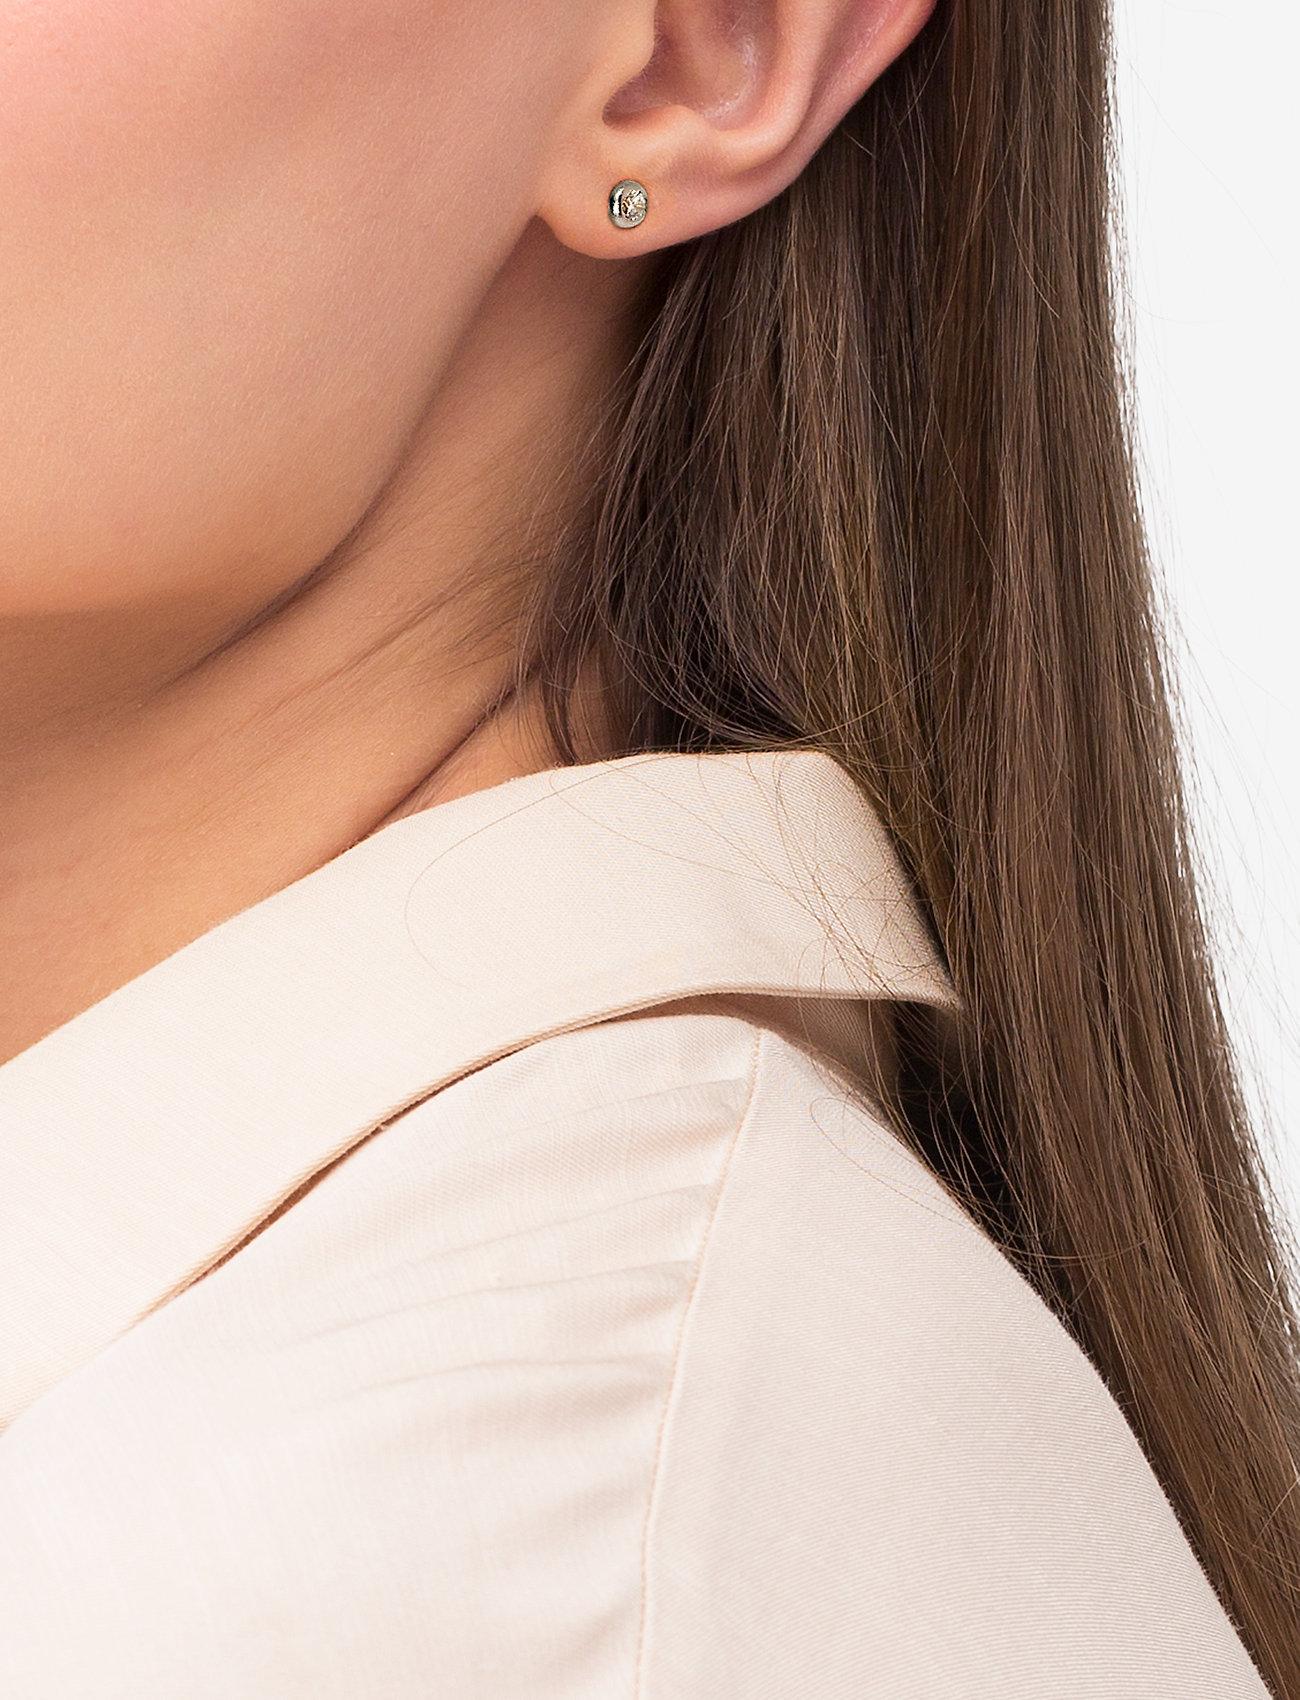 Julie Sandlau - Finesse earring - Rhodium - nagliņauskari - silver - 0